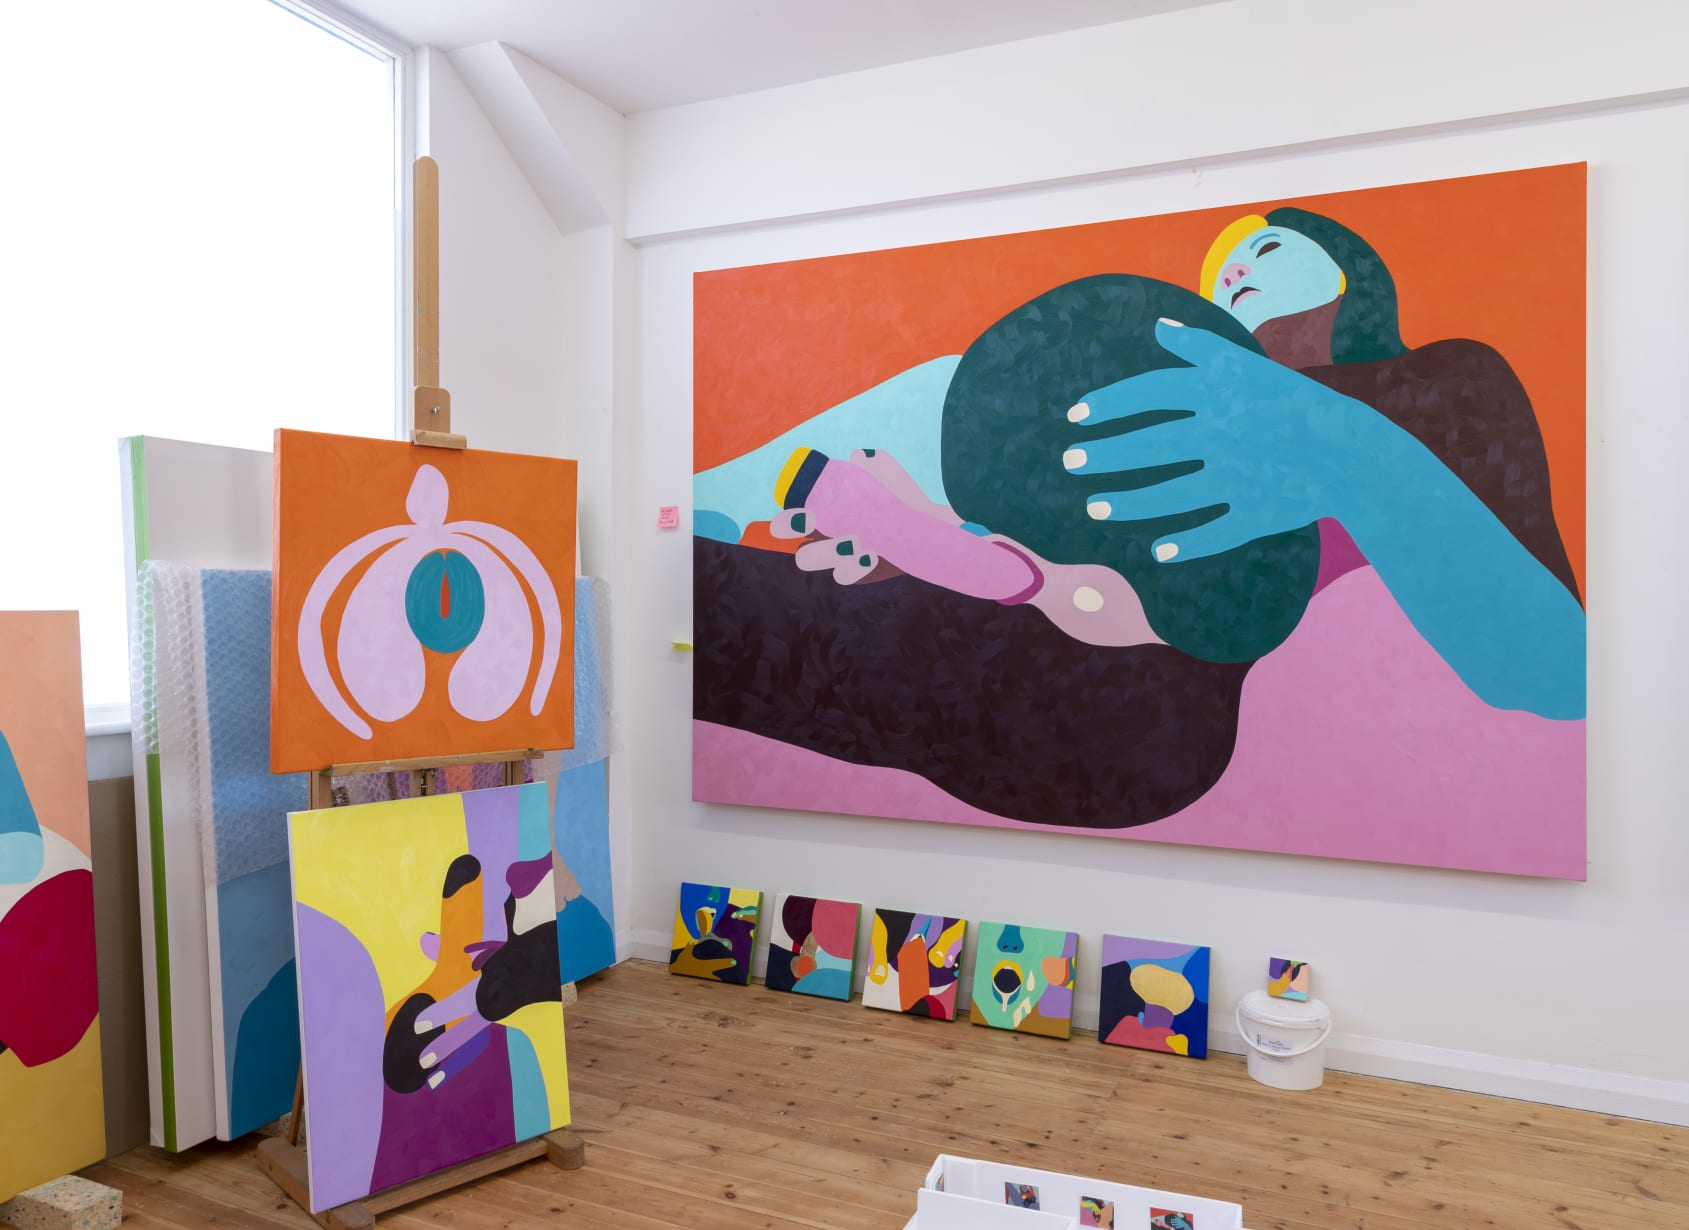 Helenbeard Studio Itsherfactory July2019 Lucyemmsi4337 8